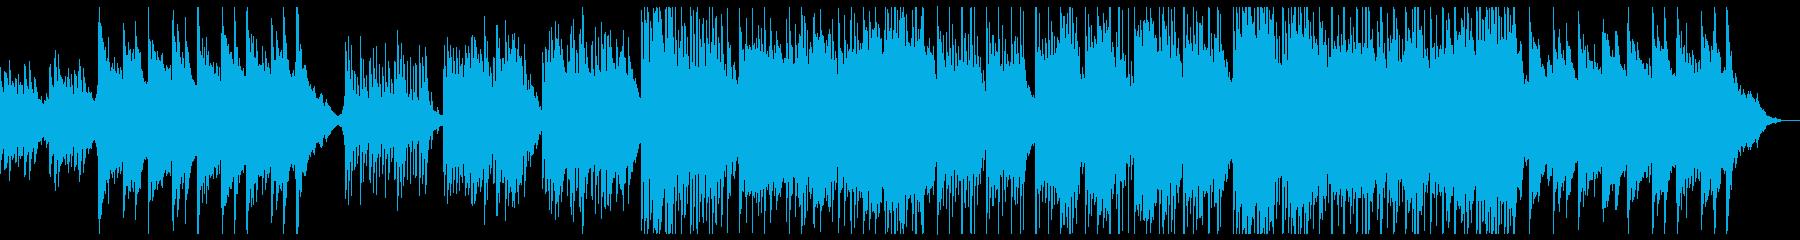 爽やかなゆったりピアノチルアウト。の再生済みの波形